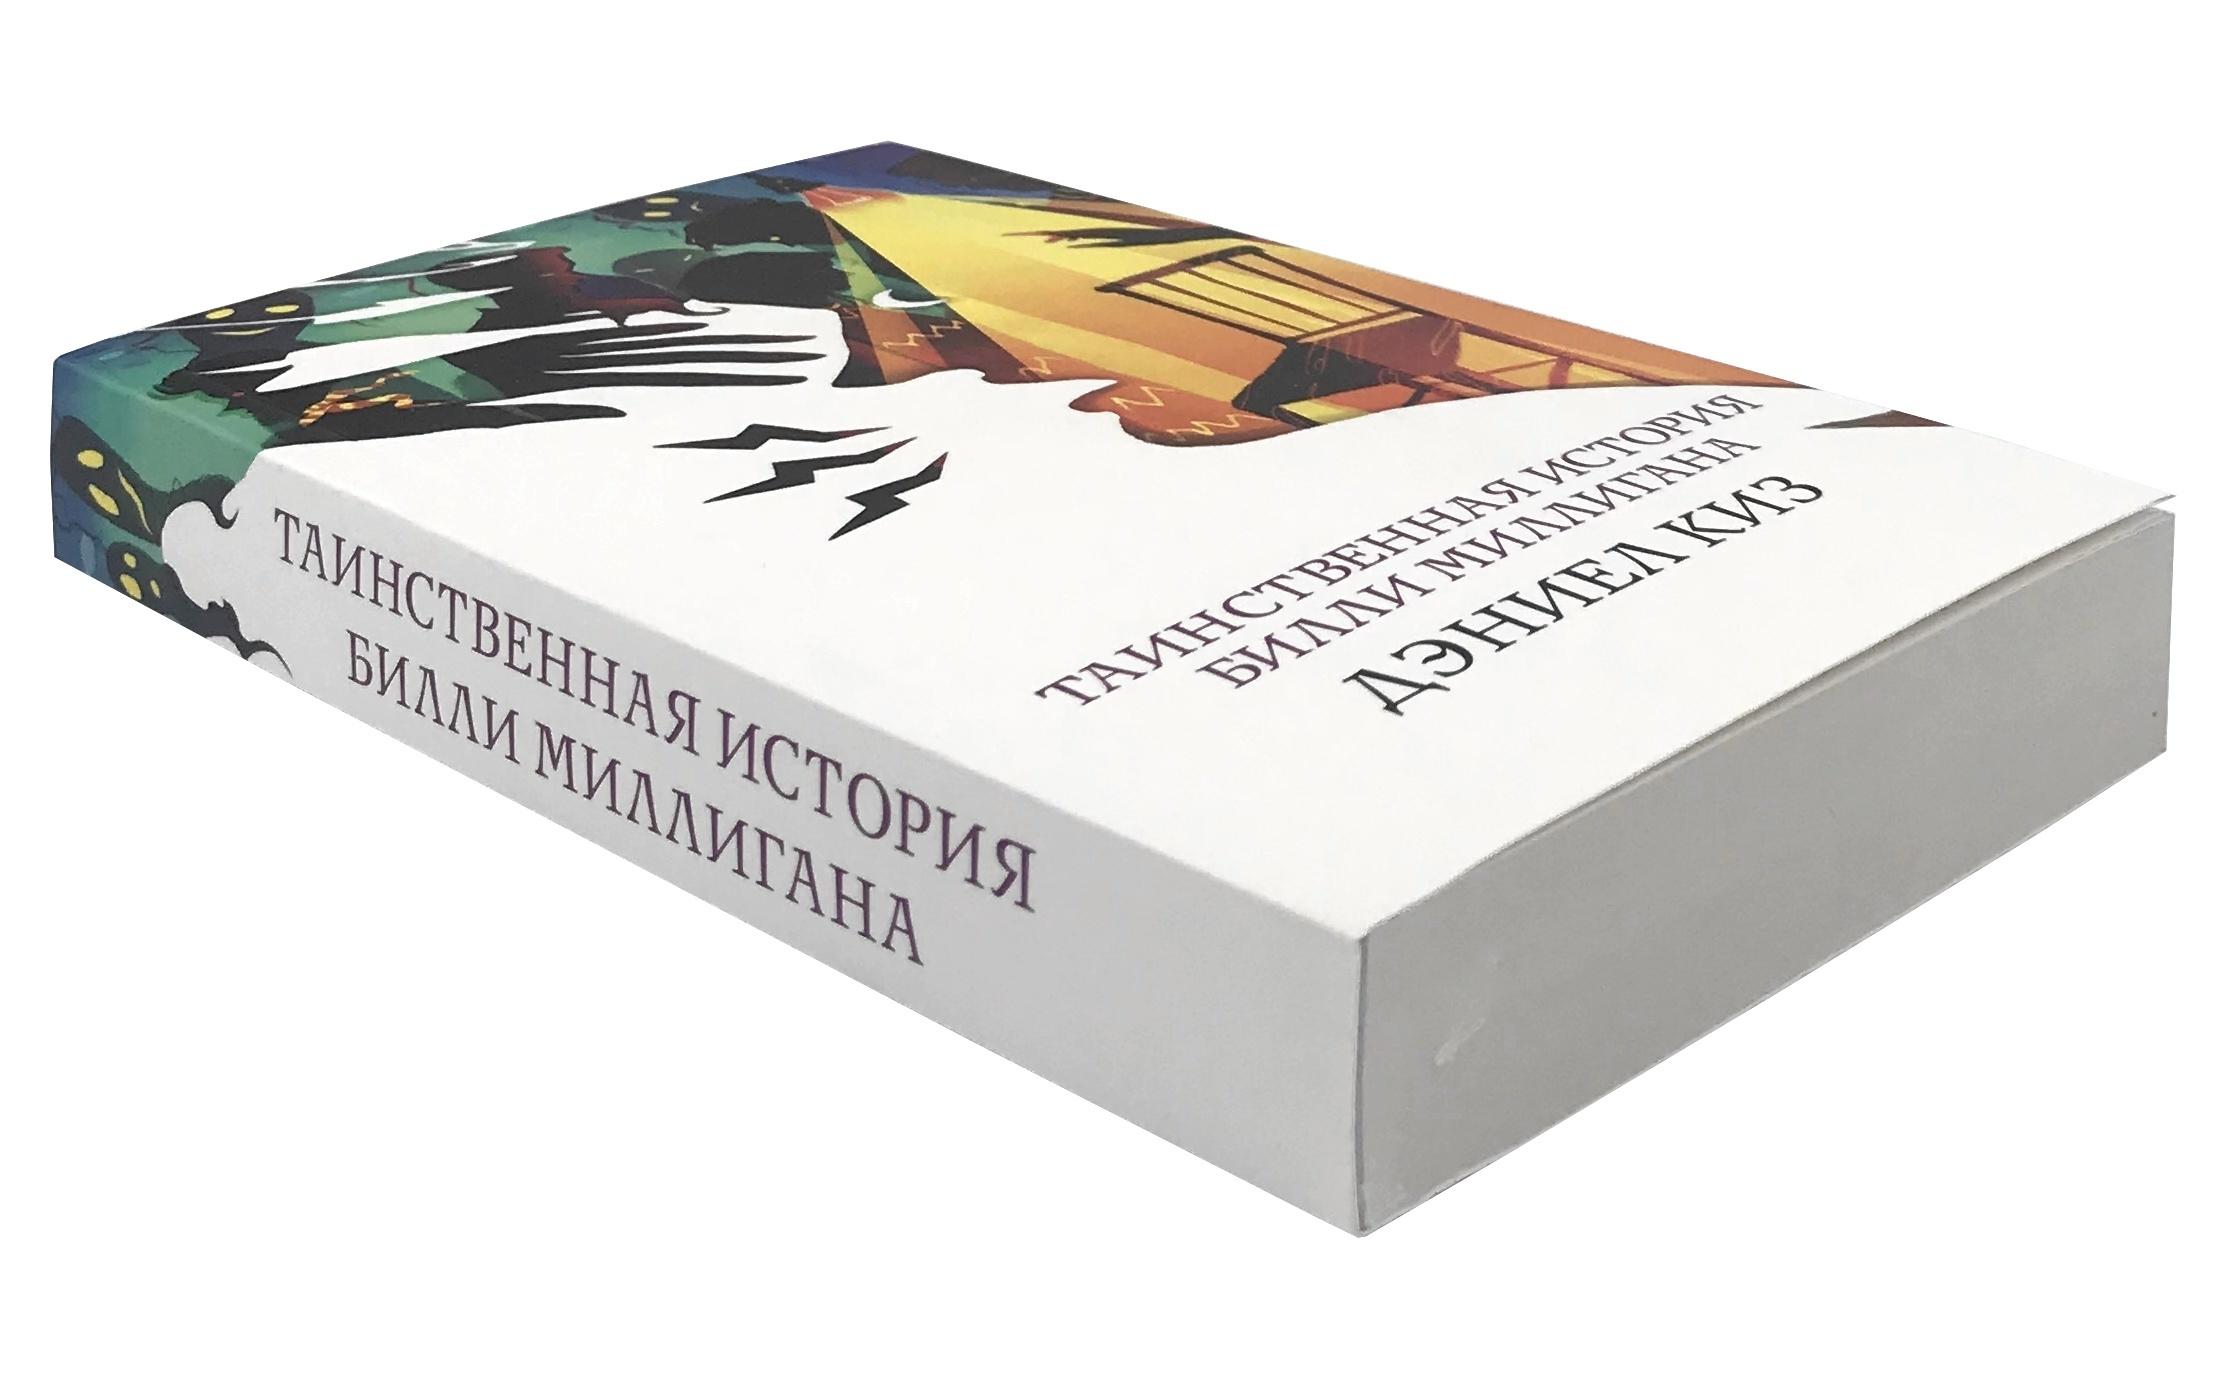 Таинственная история Билли Миллигана. Автор — Дэниел Киз.